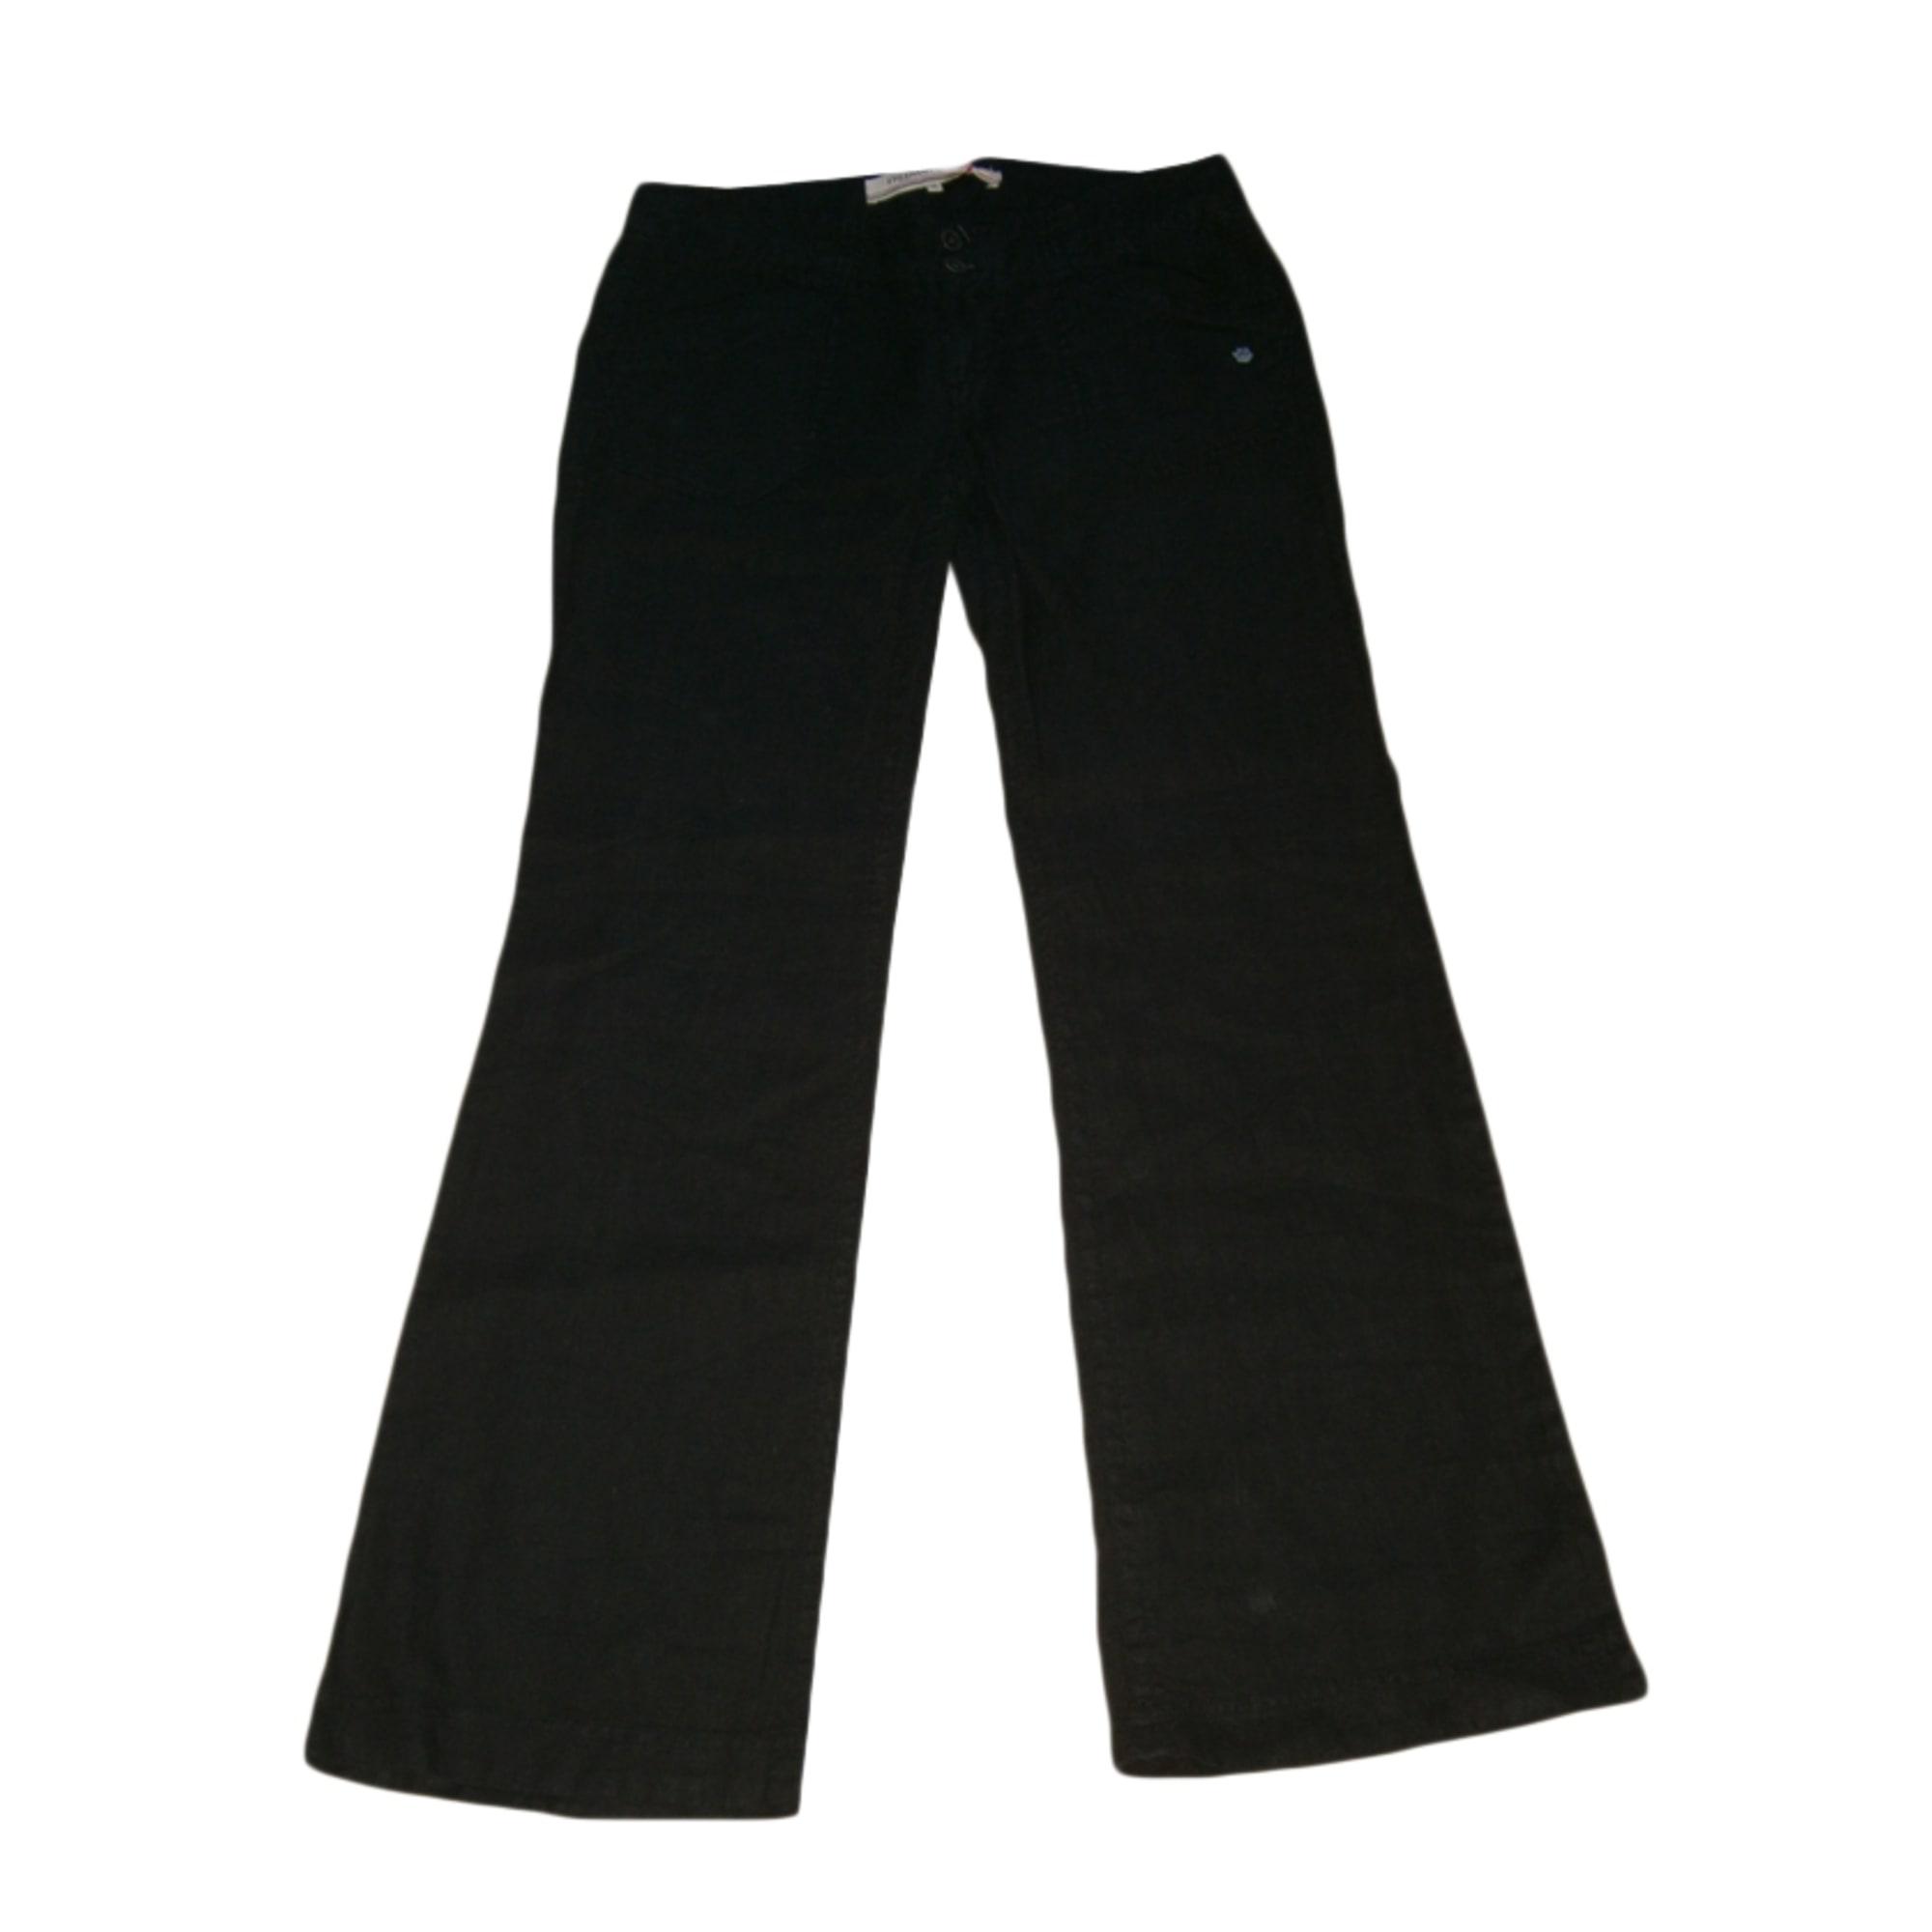 Pantalon évasé FREEMAN T PORTER Autre noir - 2717031 220d51cdd79